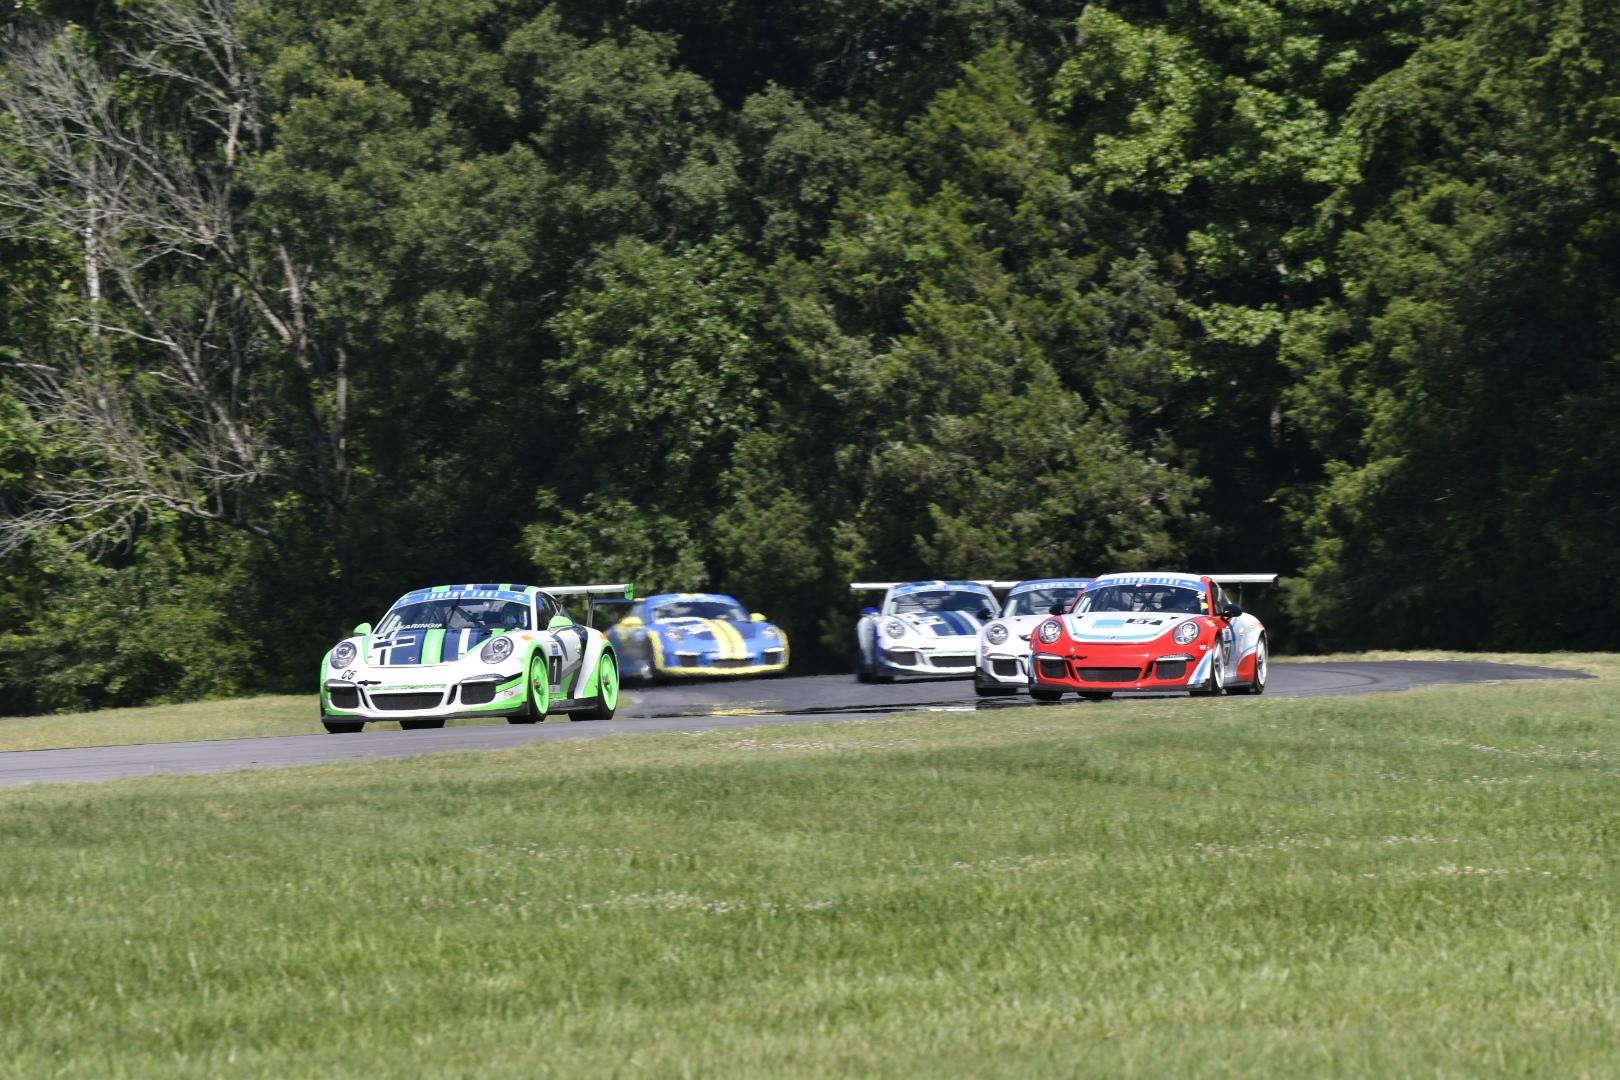 Monticello Motor Club >> Pca Club Racing Trophy East Series Returns To Monticello Motor Club